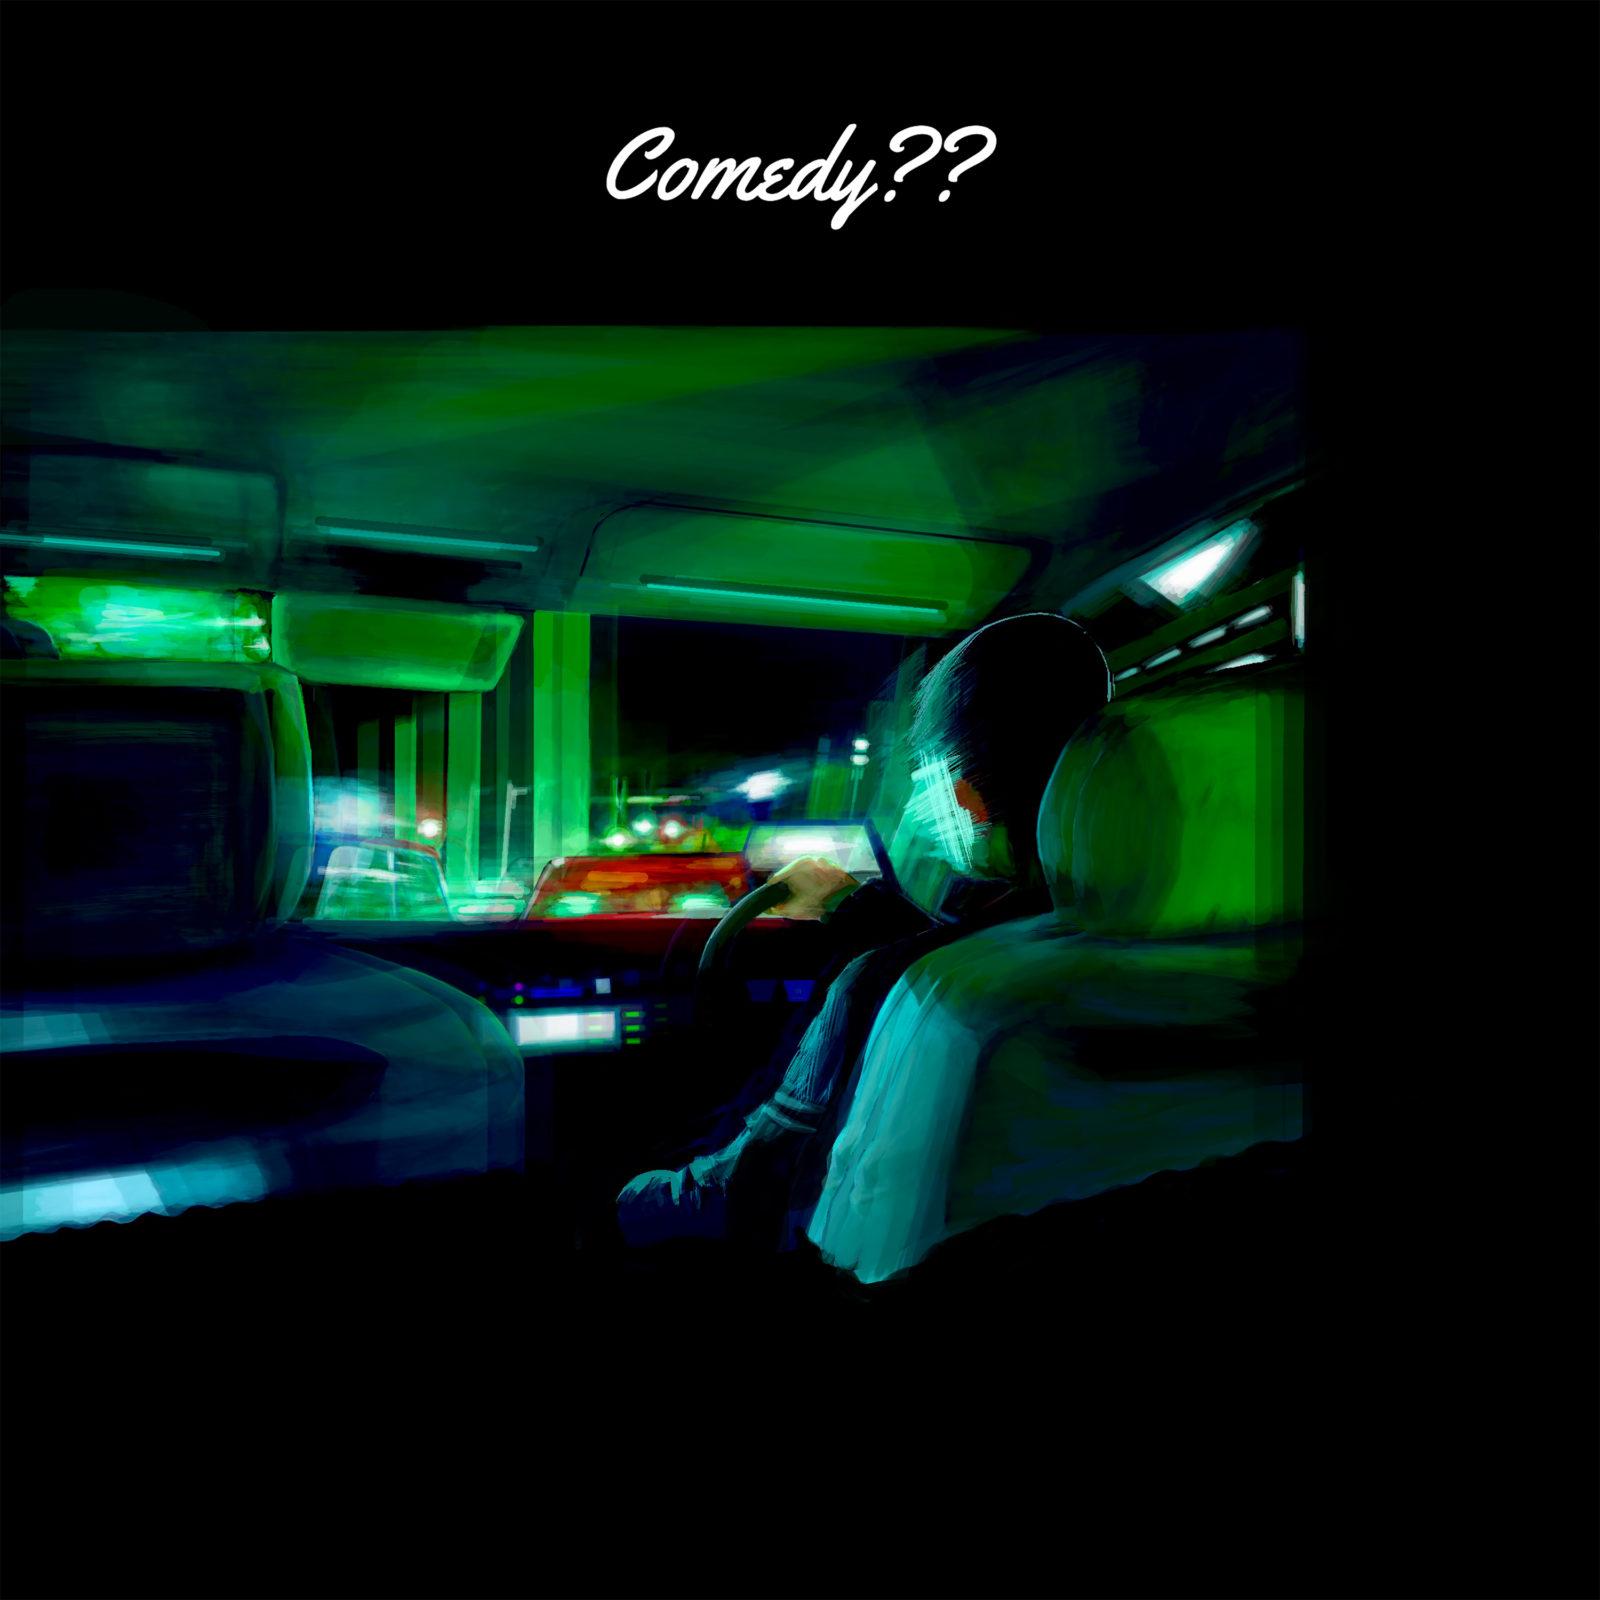 愛知県を拠点に活動する気鋭のSSW・碧海祐人、愁いを帯びた新曲『Comedy??』を配信リリースサムネイル画像